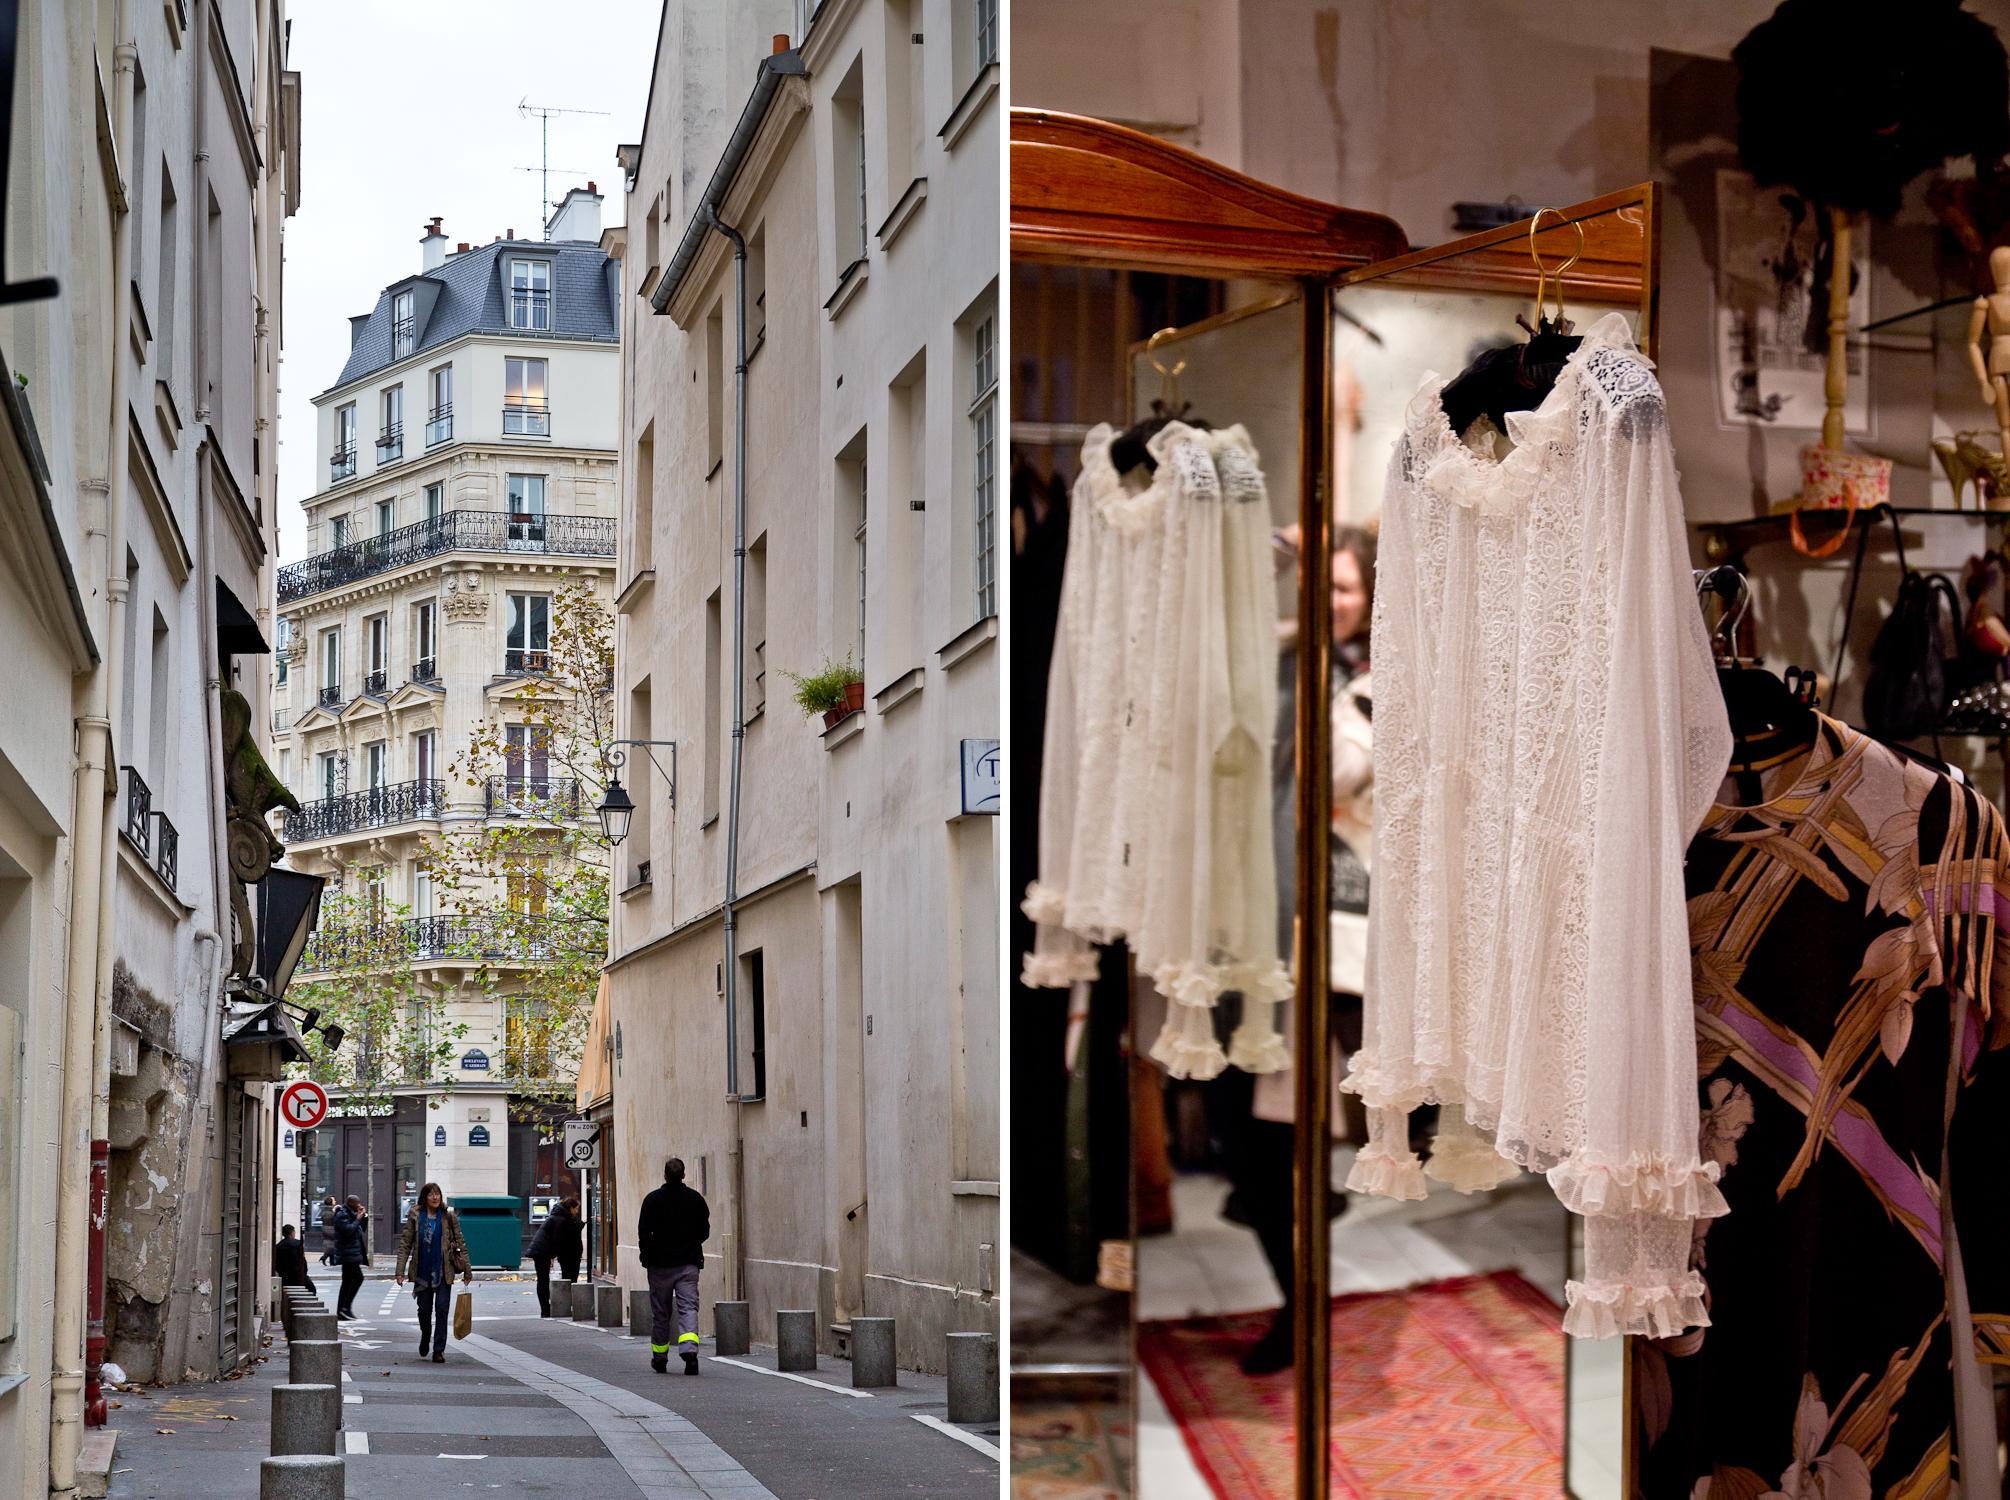 paris_shopping_6_arrondissement_vintage_fashion_blog_18